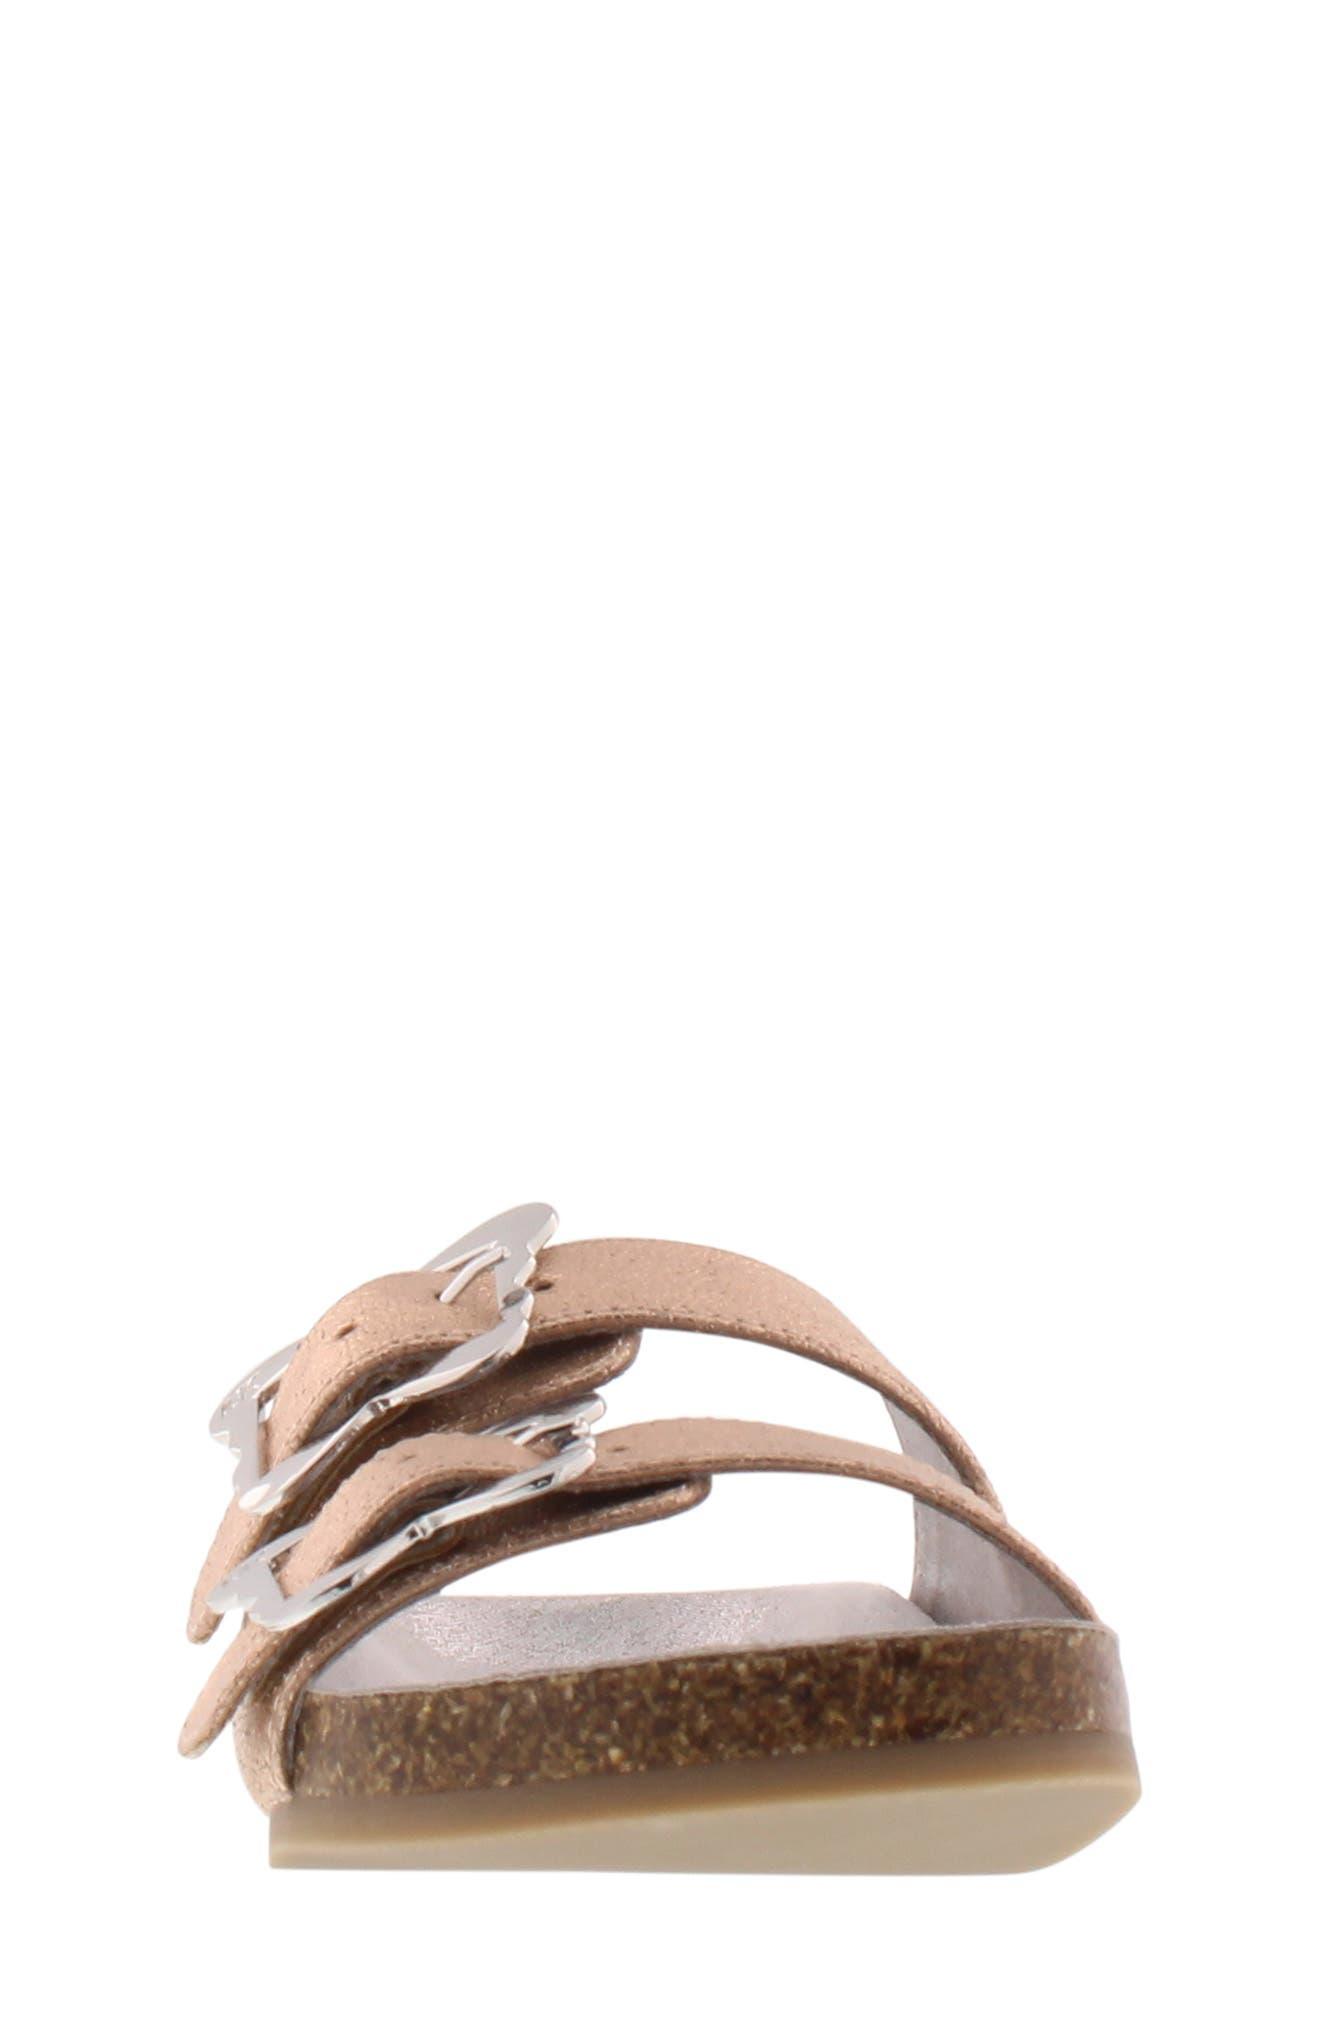 Ethel Chrysalis Slide Sandal,                             Alternate thumbnail 4, color,                             ROSE GOLD 2